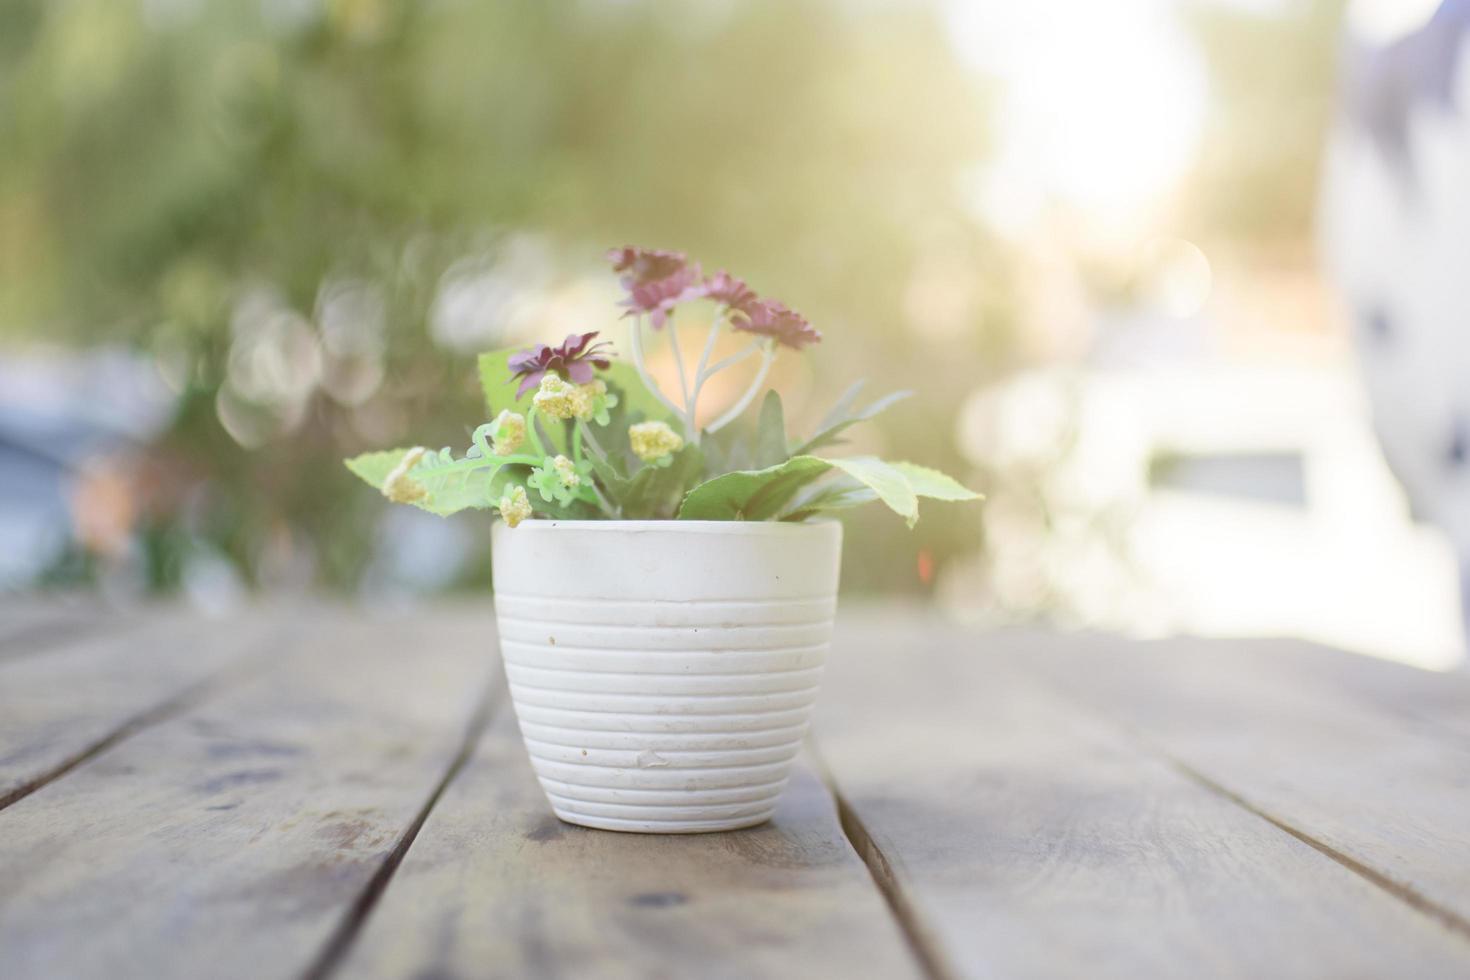 plante en pot sur une table photo